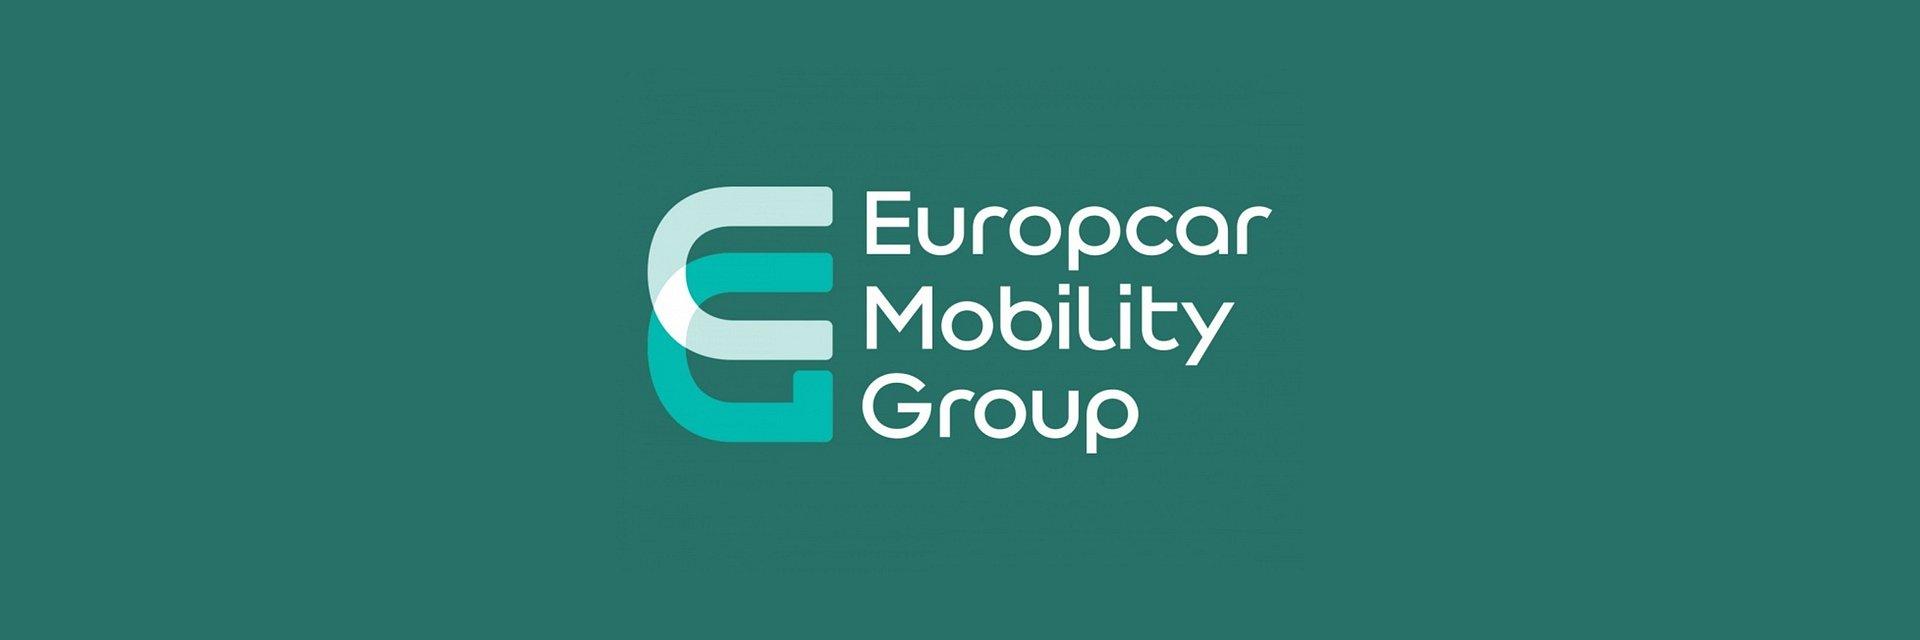 Europcar Mobility Group Portugal quer pais a conduzir carros da frota Selection